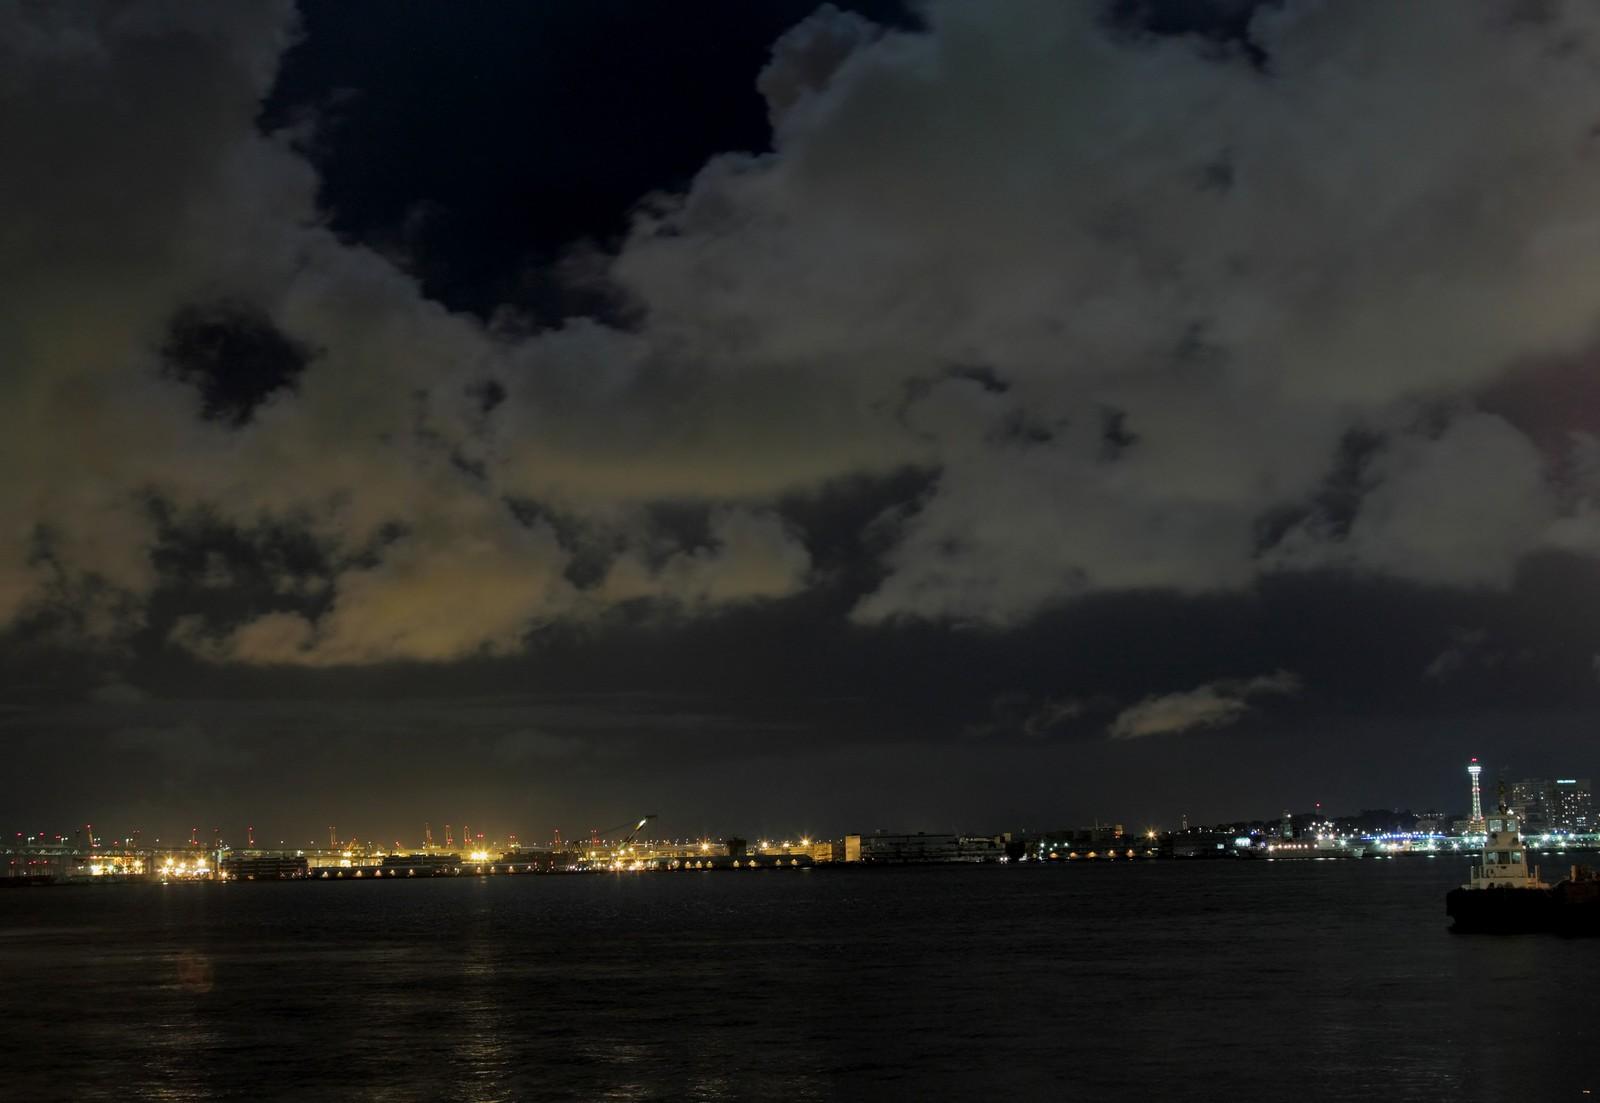 江川海岸と京浜工業地帯